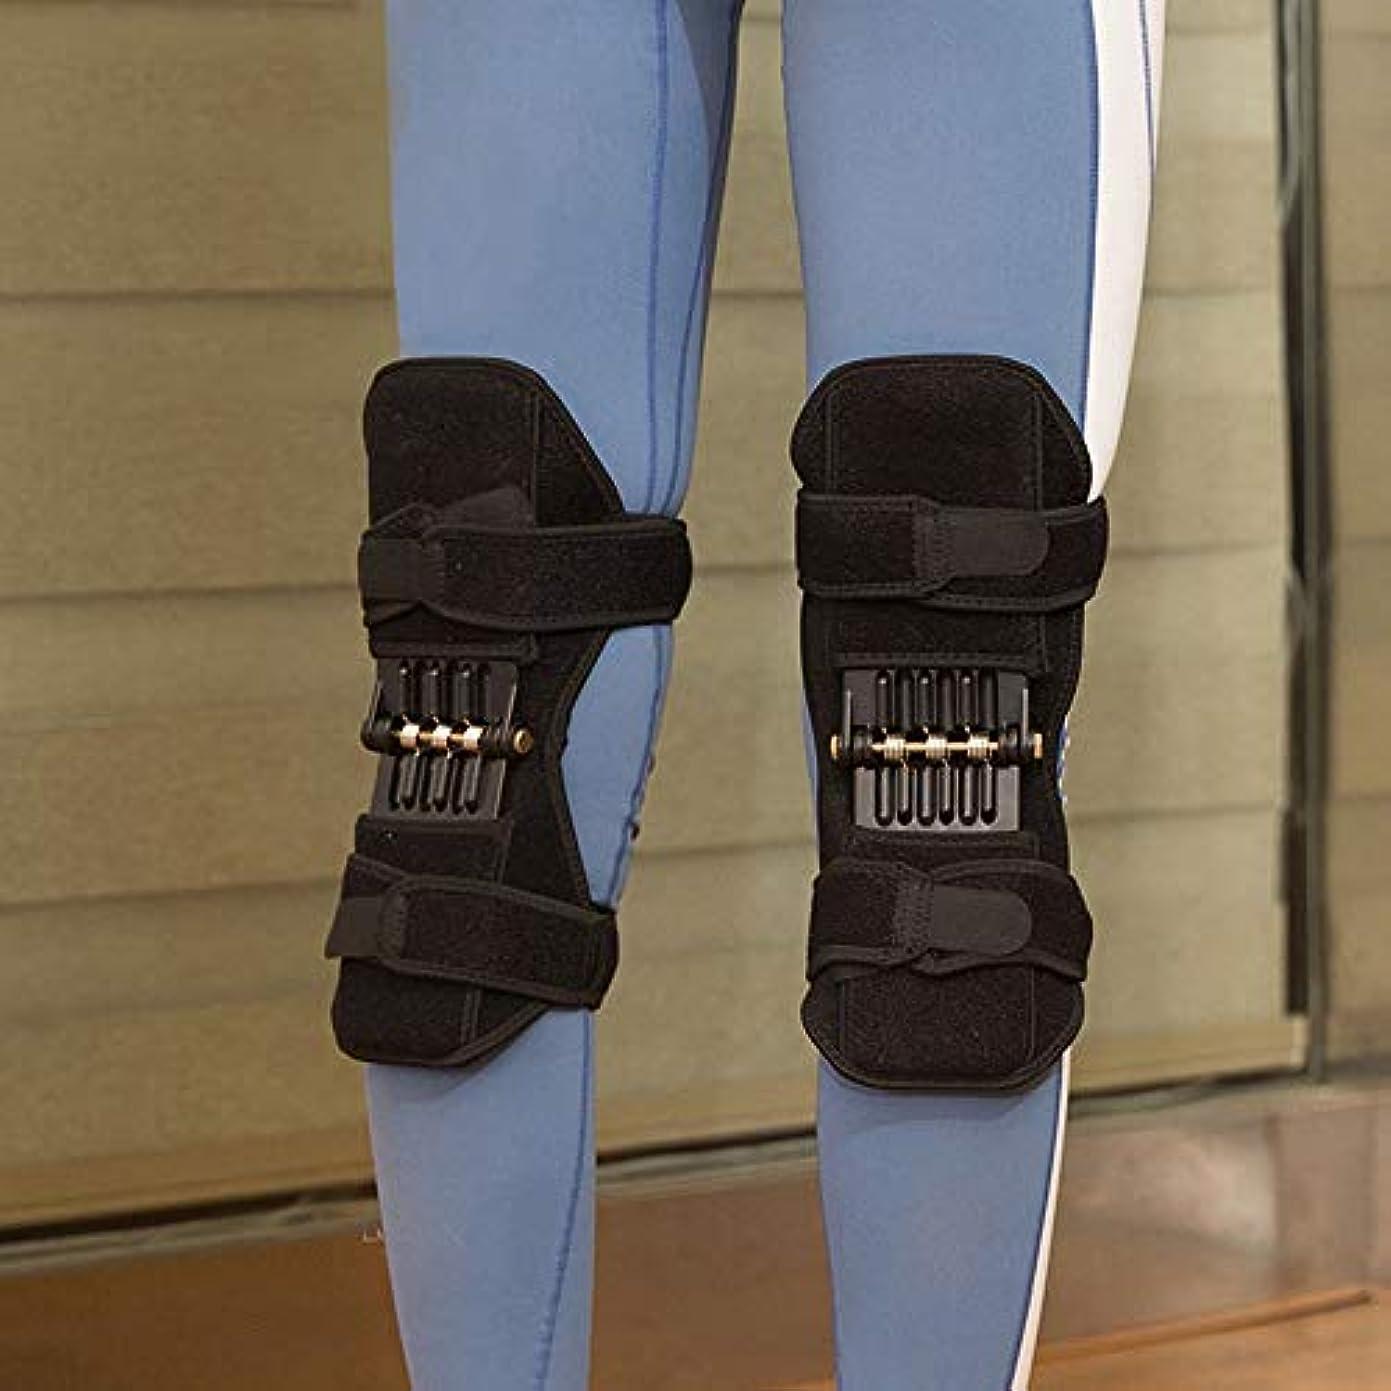 うねるジャンピングジャック会話型1 ペアスポーツ 春の膝 ストラップ 登山 ランニング 膝 ブースター 膝 パッド 膝関節保護 マッサージツール